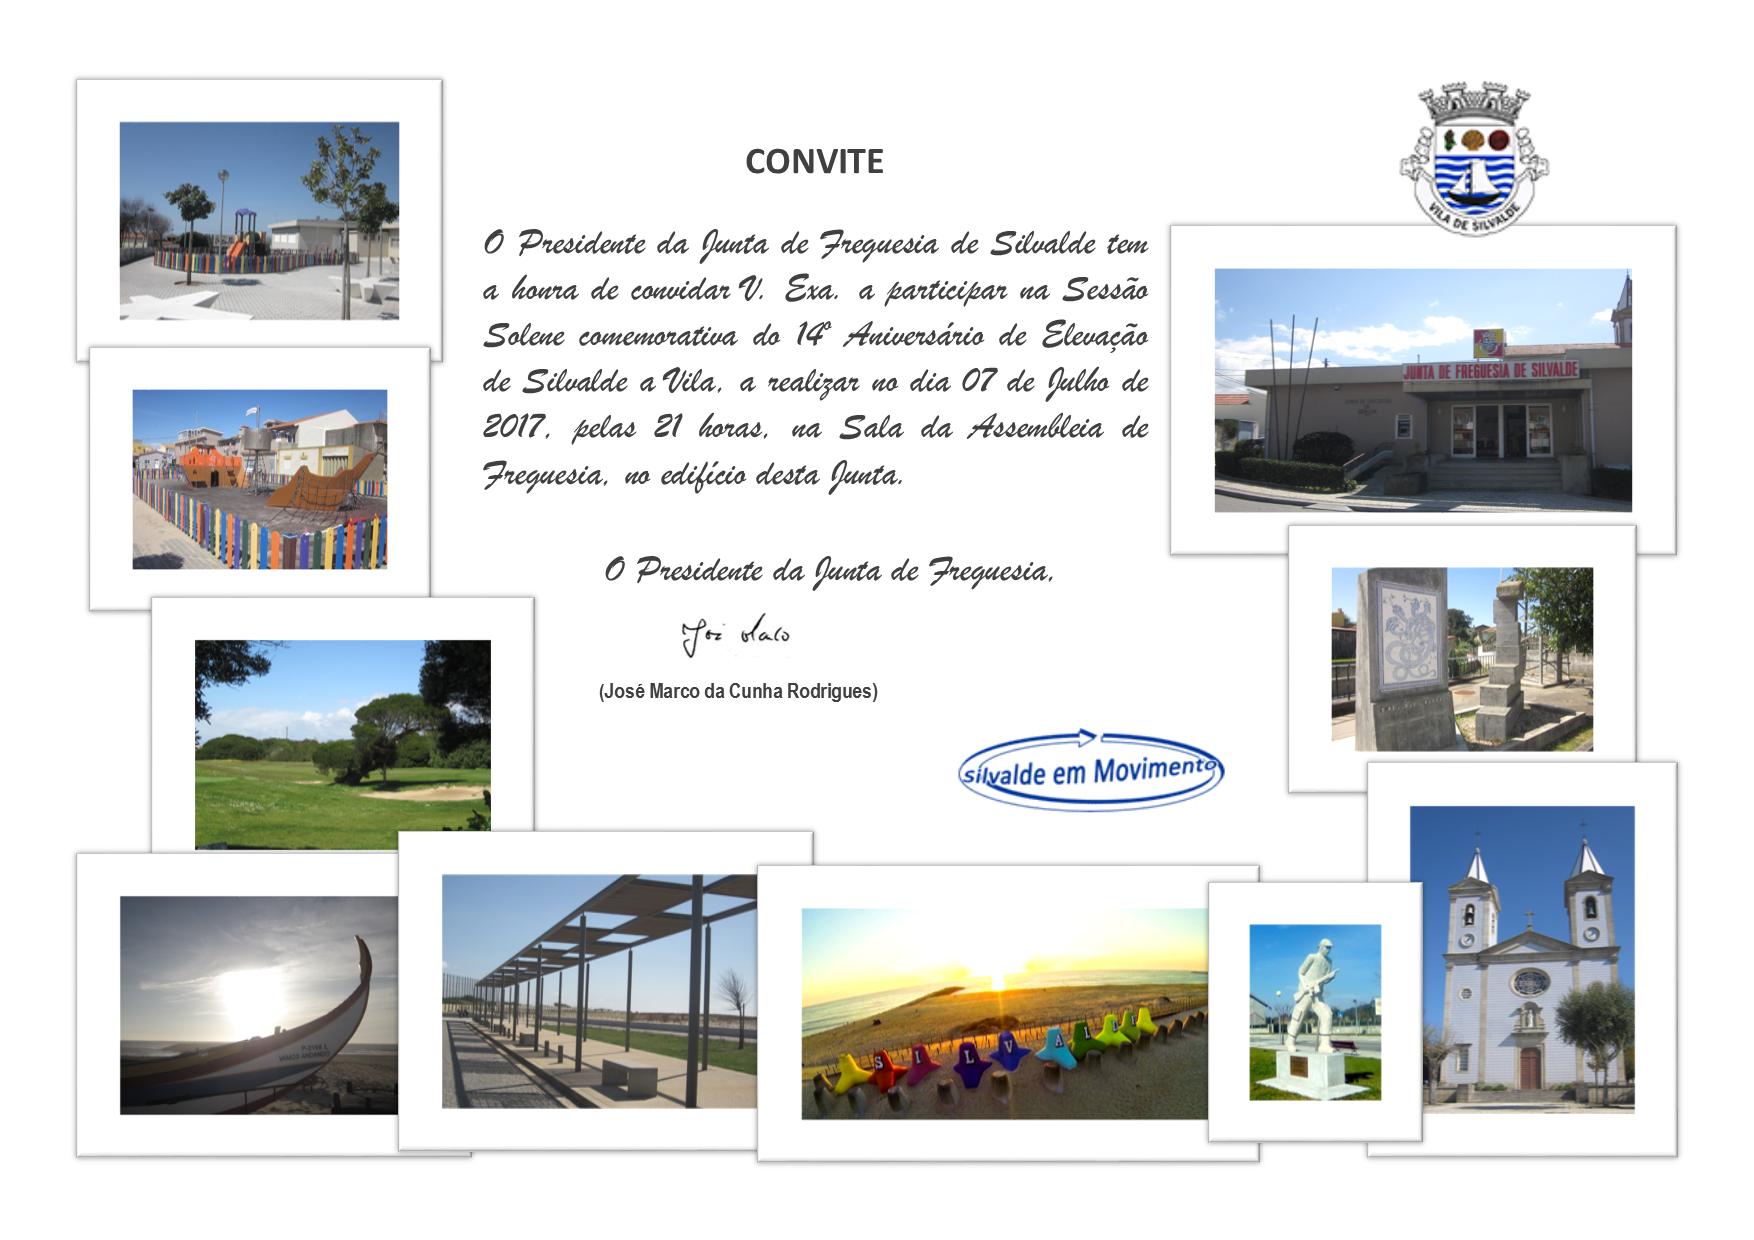 Convite - Sessão Solene 14º Aniversário da Elevação de Silvalde a Vila